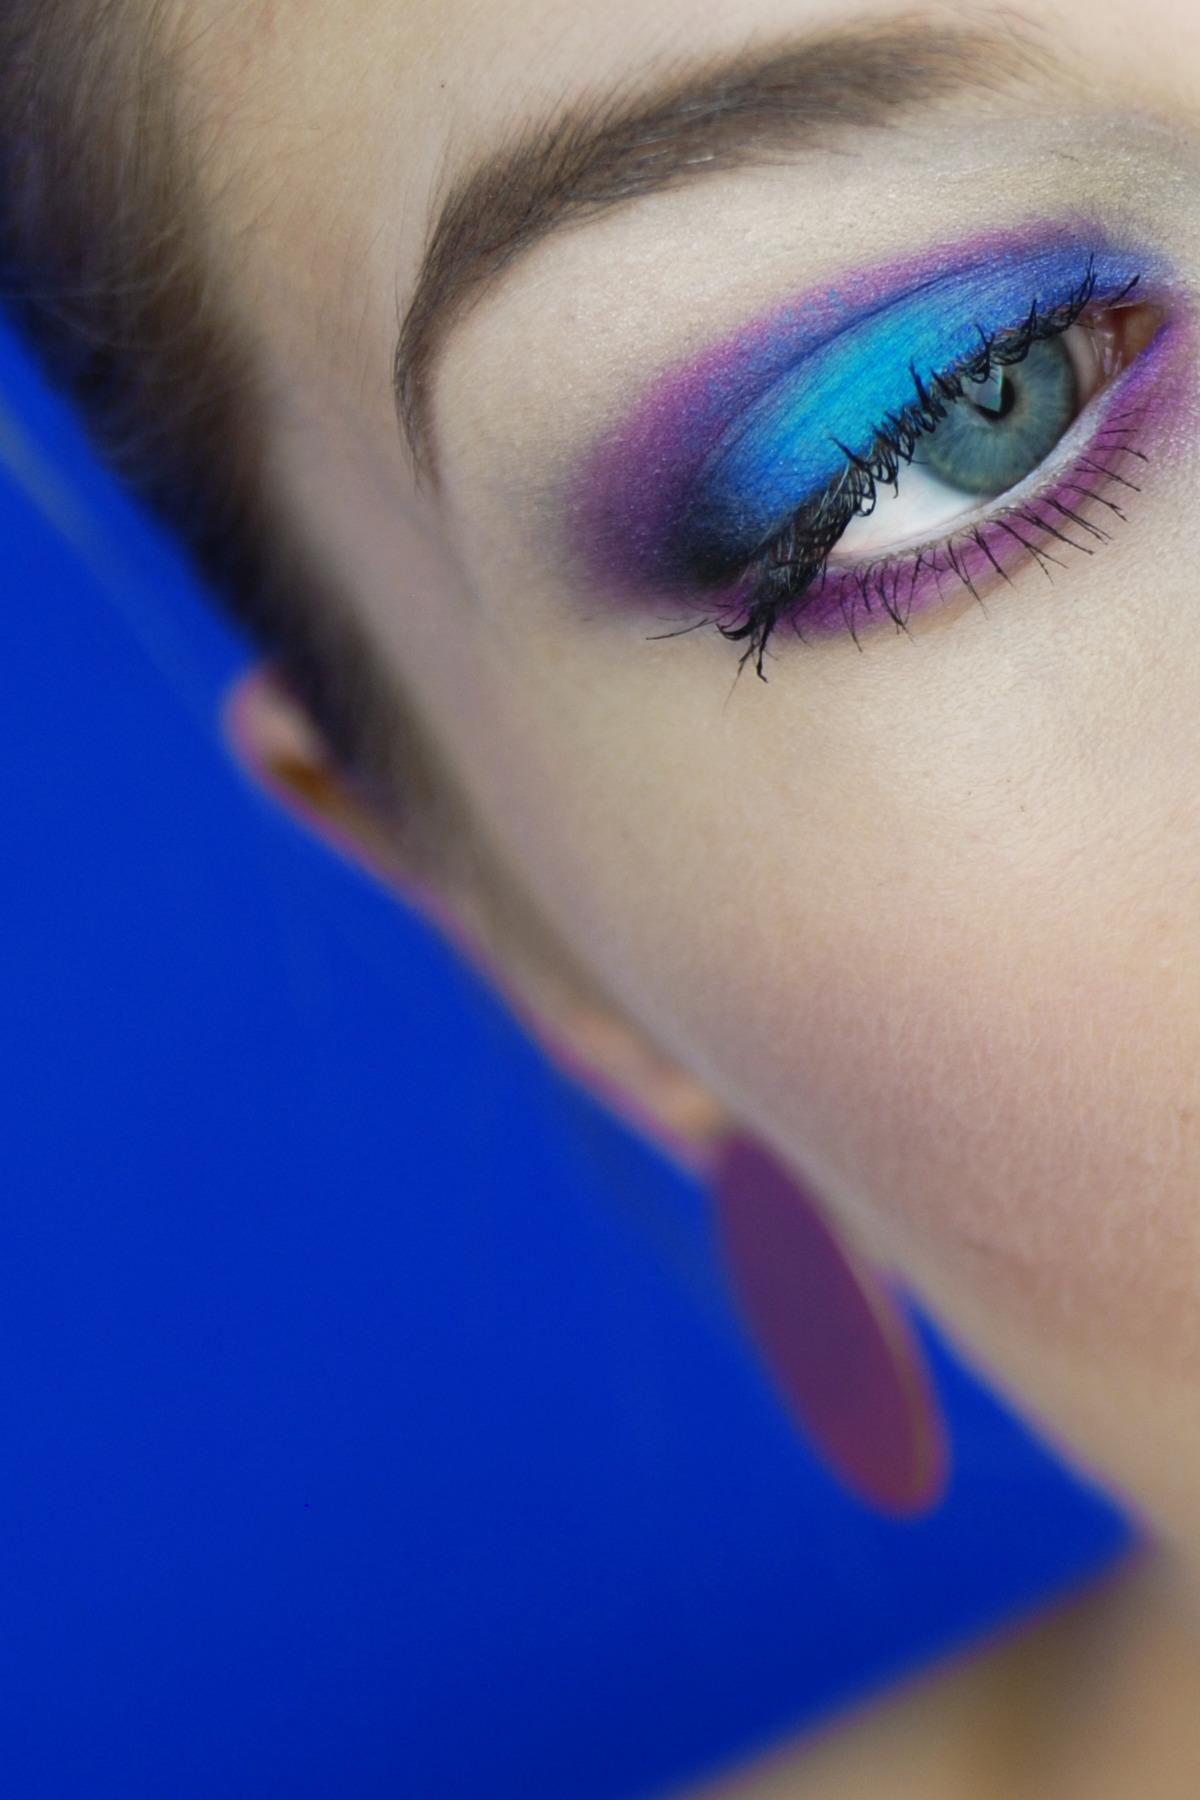 Zdjęcie przedstawia zbliżenie na oko kobiety pomalowane na niebiesko-fioletowo, całość na niebieskim tle.